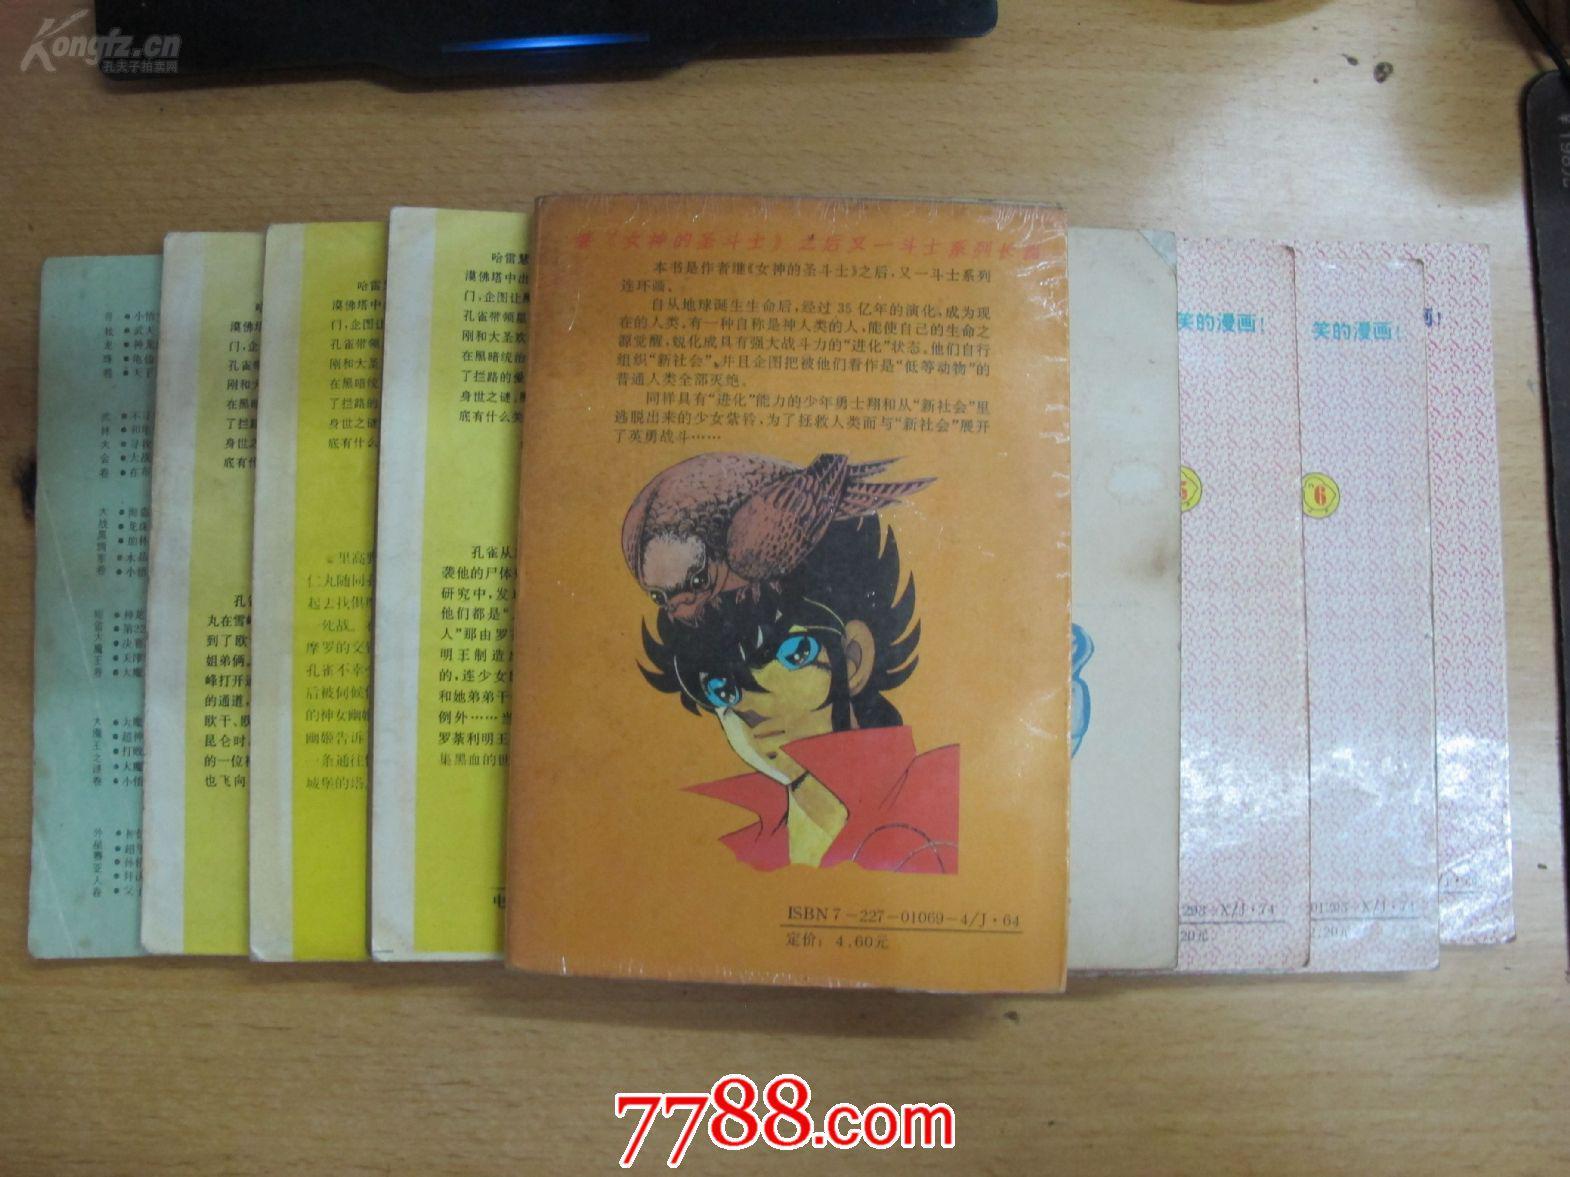 学园漫画书9册(七龙珠、孔雀王、福星漫画、足小子卡通天堂云百度图片